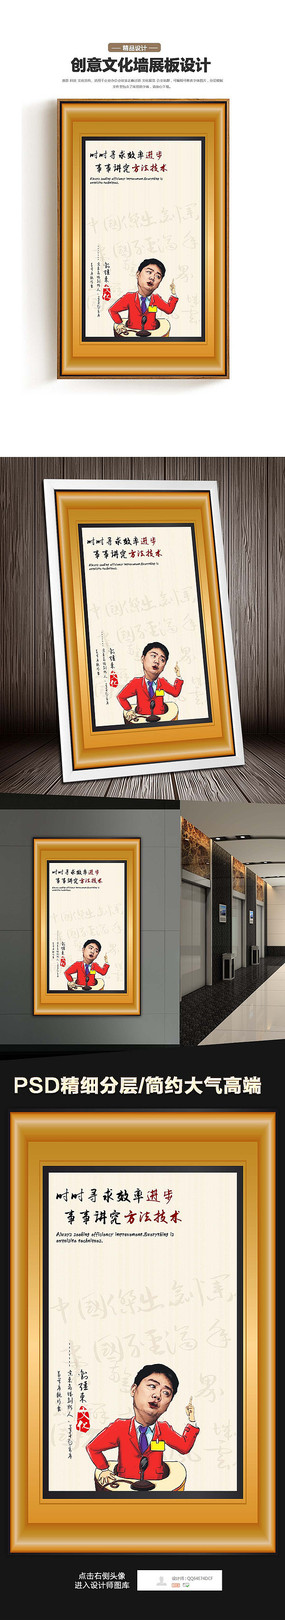 刘强东名言之进步励志挂画